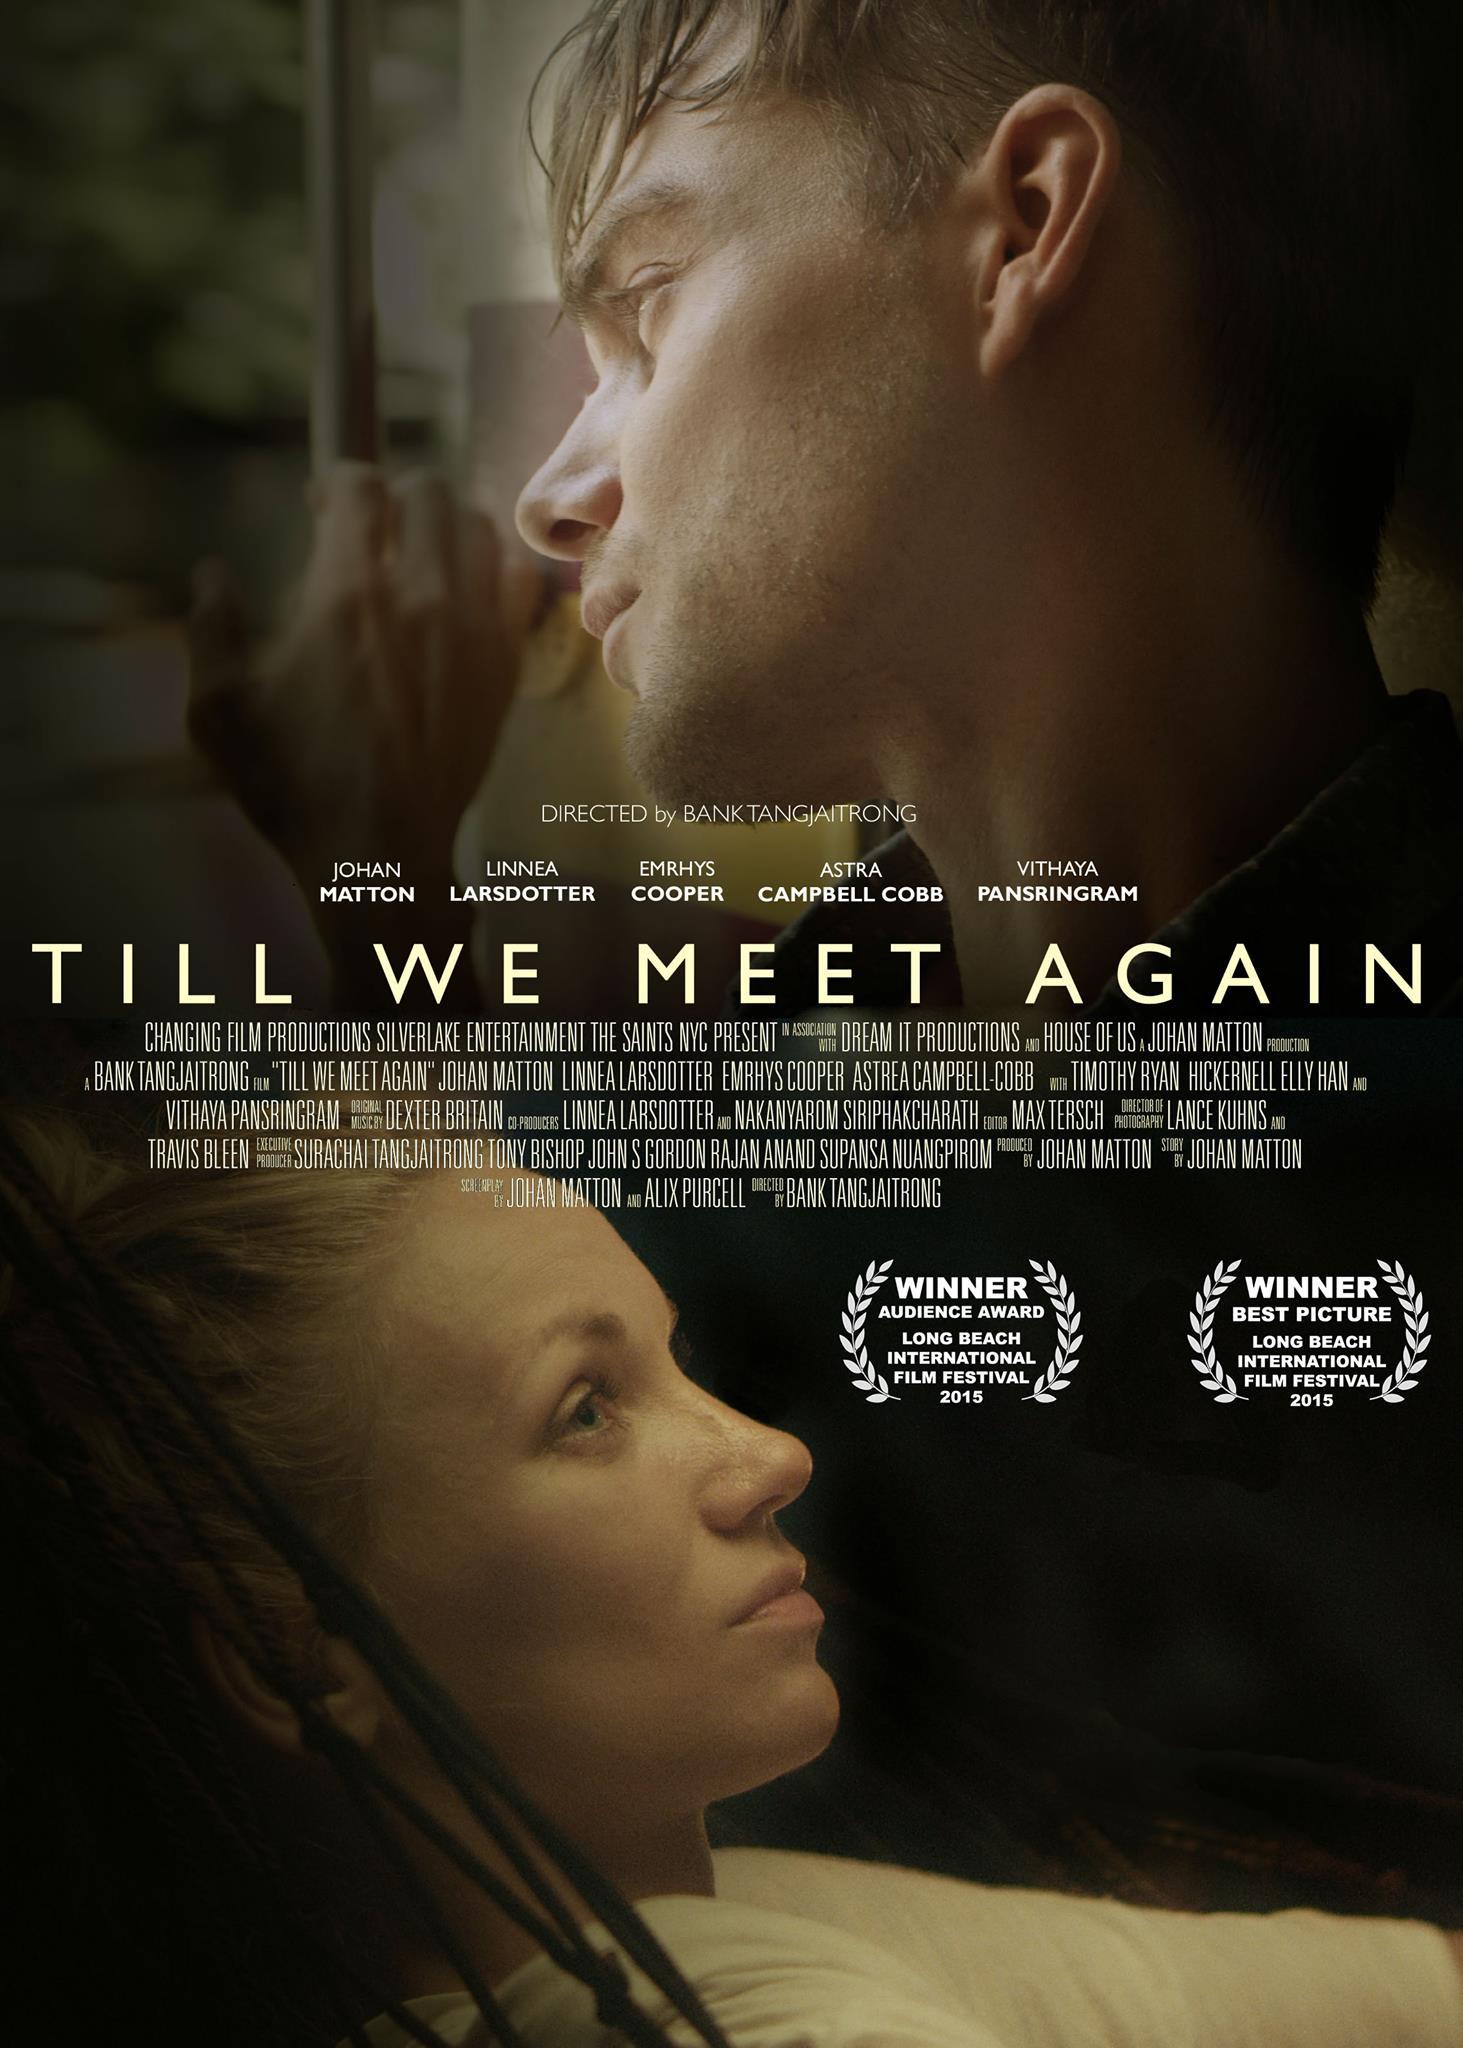 we meet again or movie